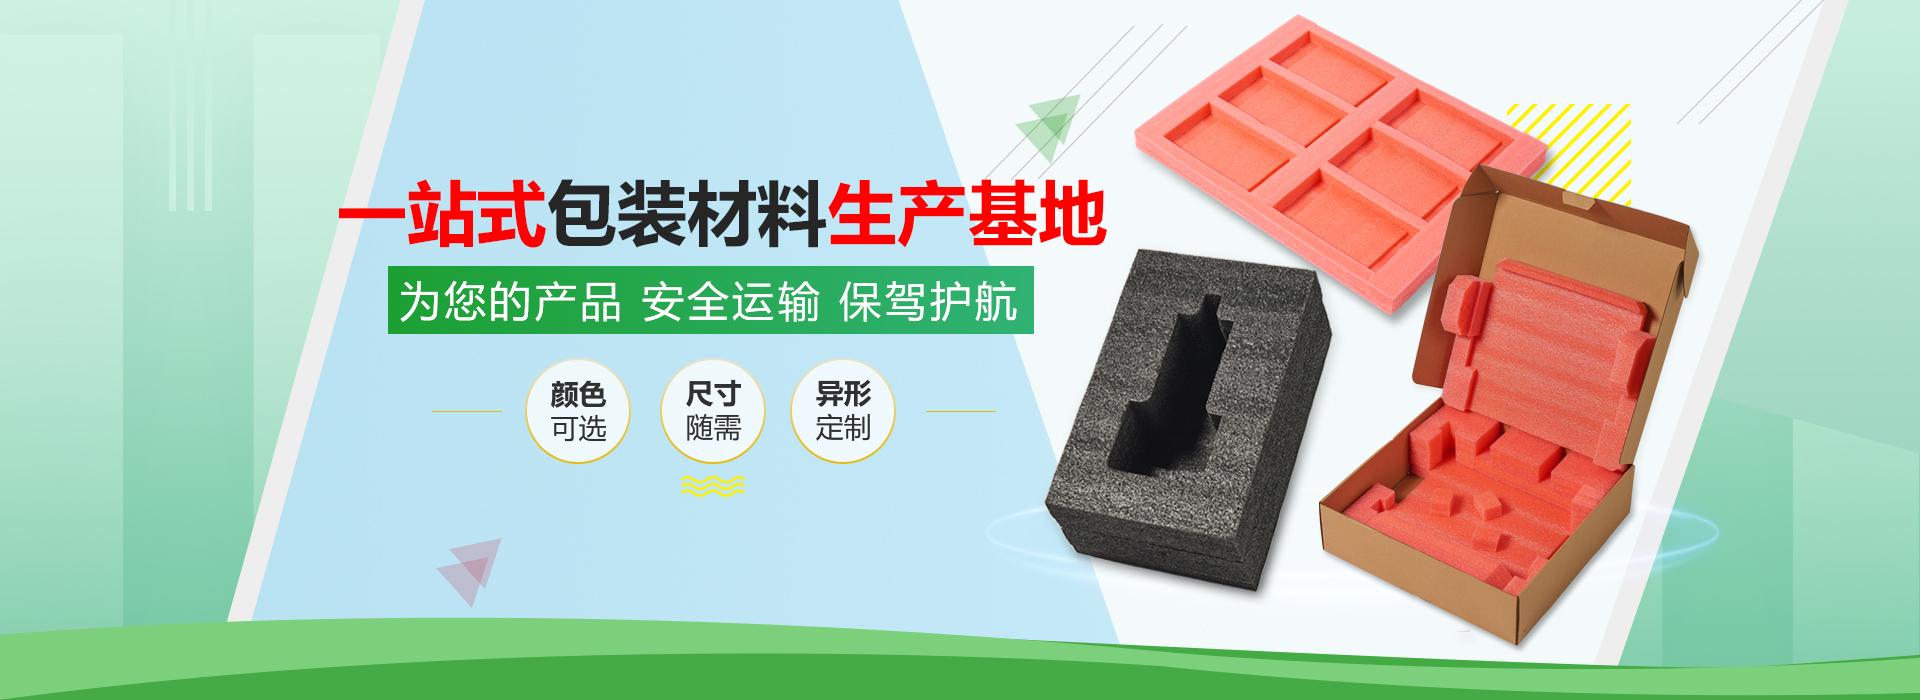 武汉产品包装厂